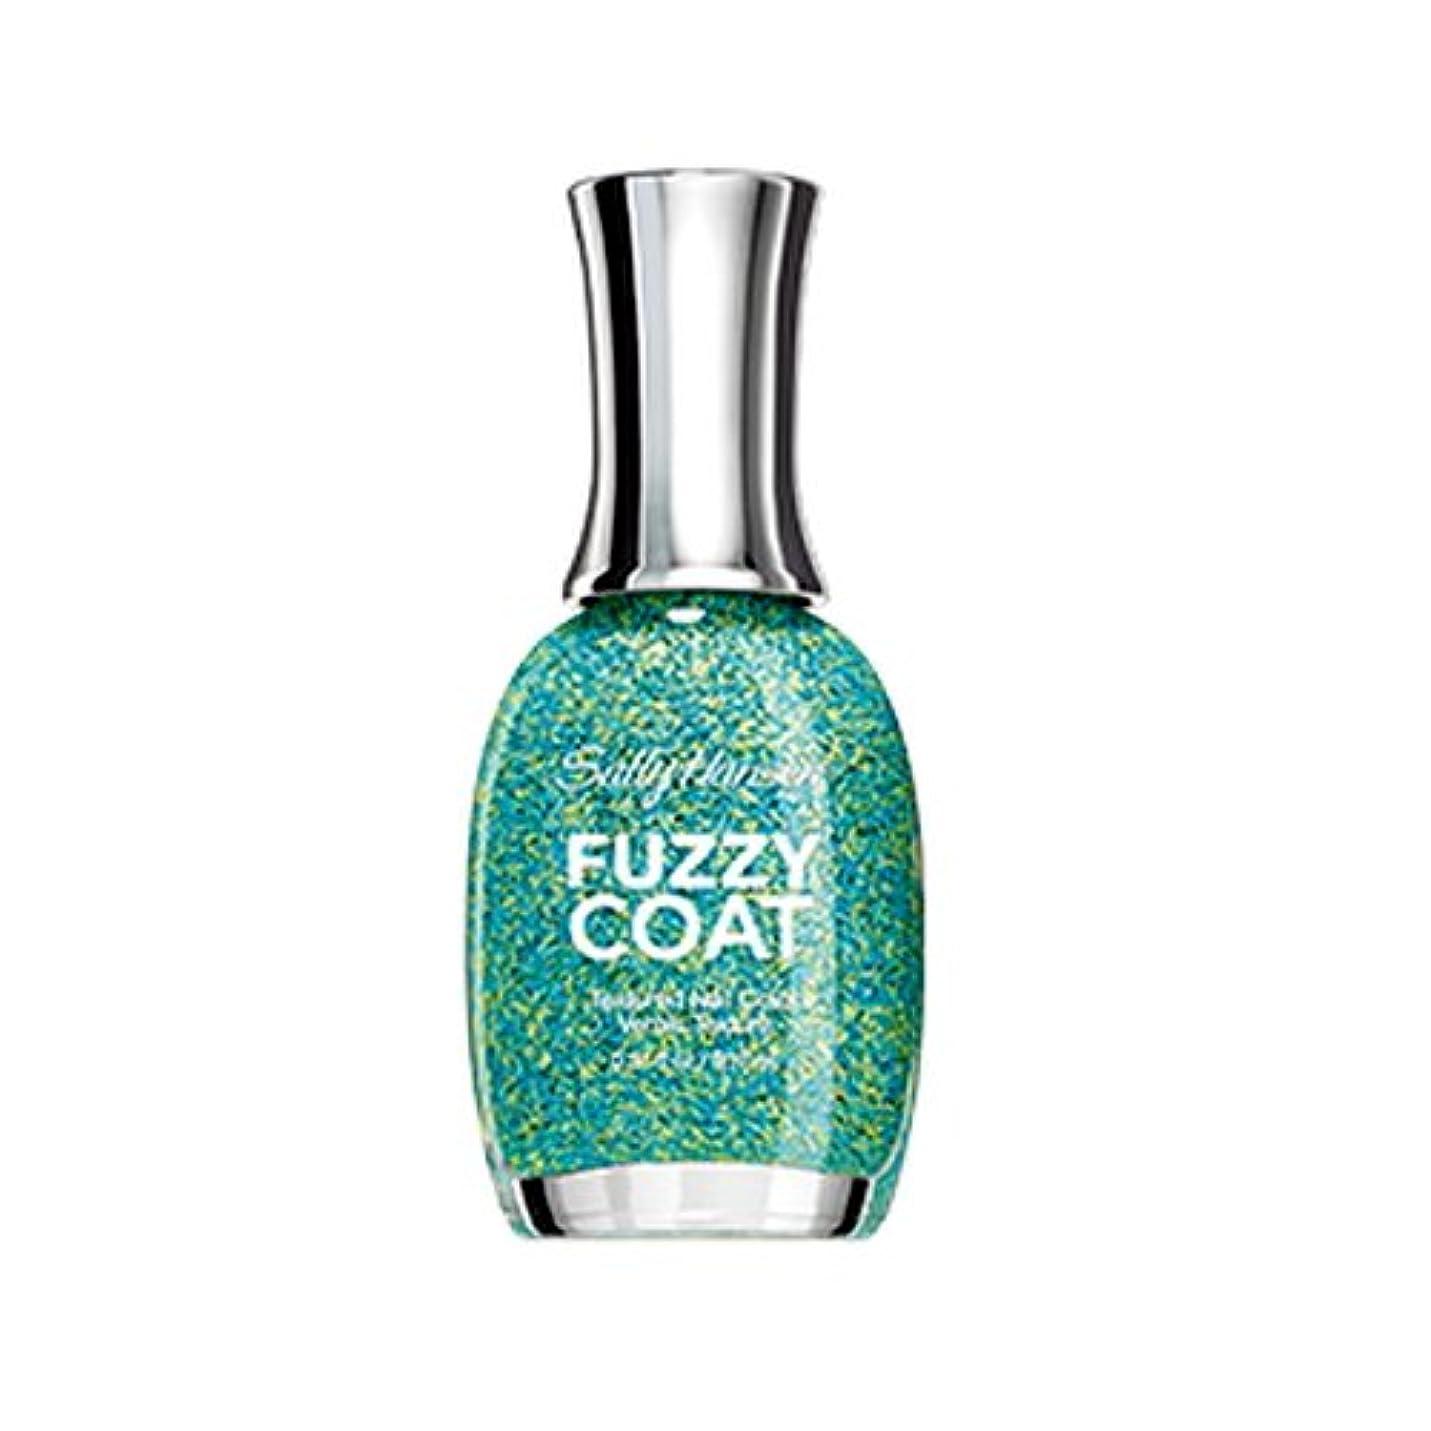 干渉するオール絶望的な(6 Pack) SALLY HANSEN Fuzzy Coat Special Effect Textured Nail Color - Fuzz-Sea (並行輸入品)